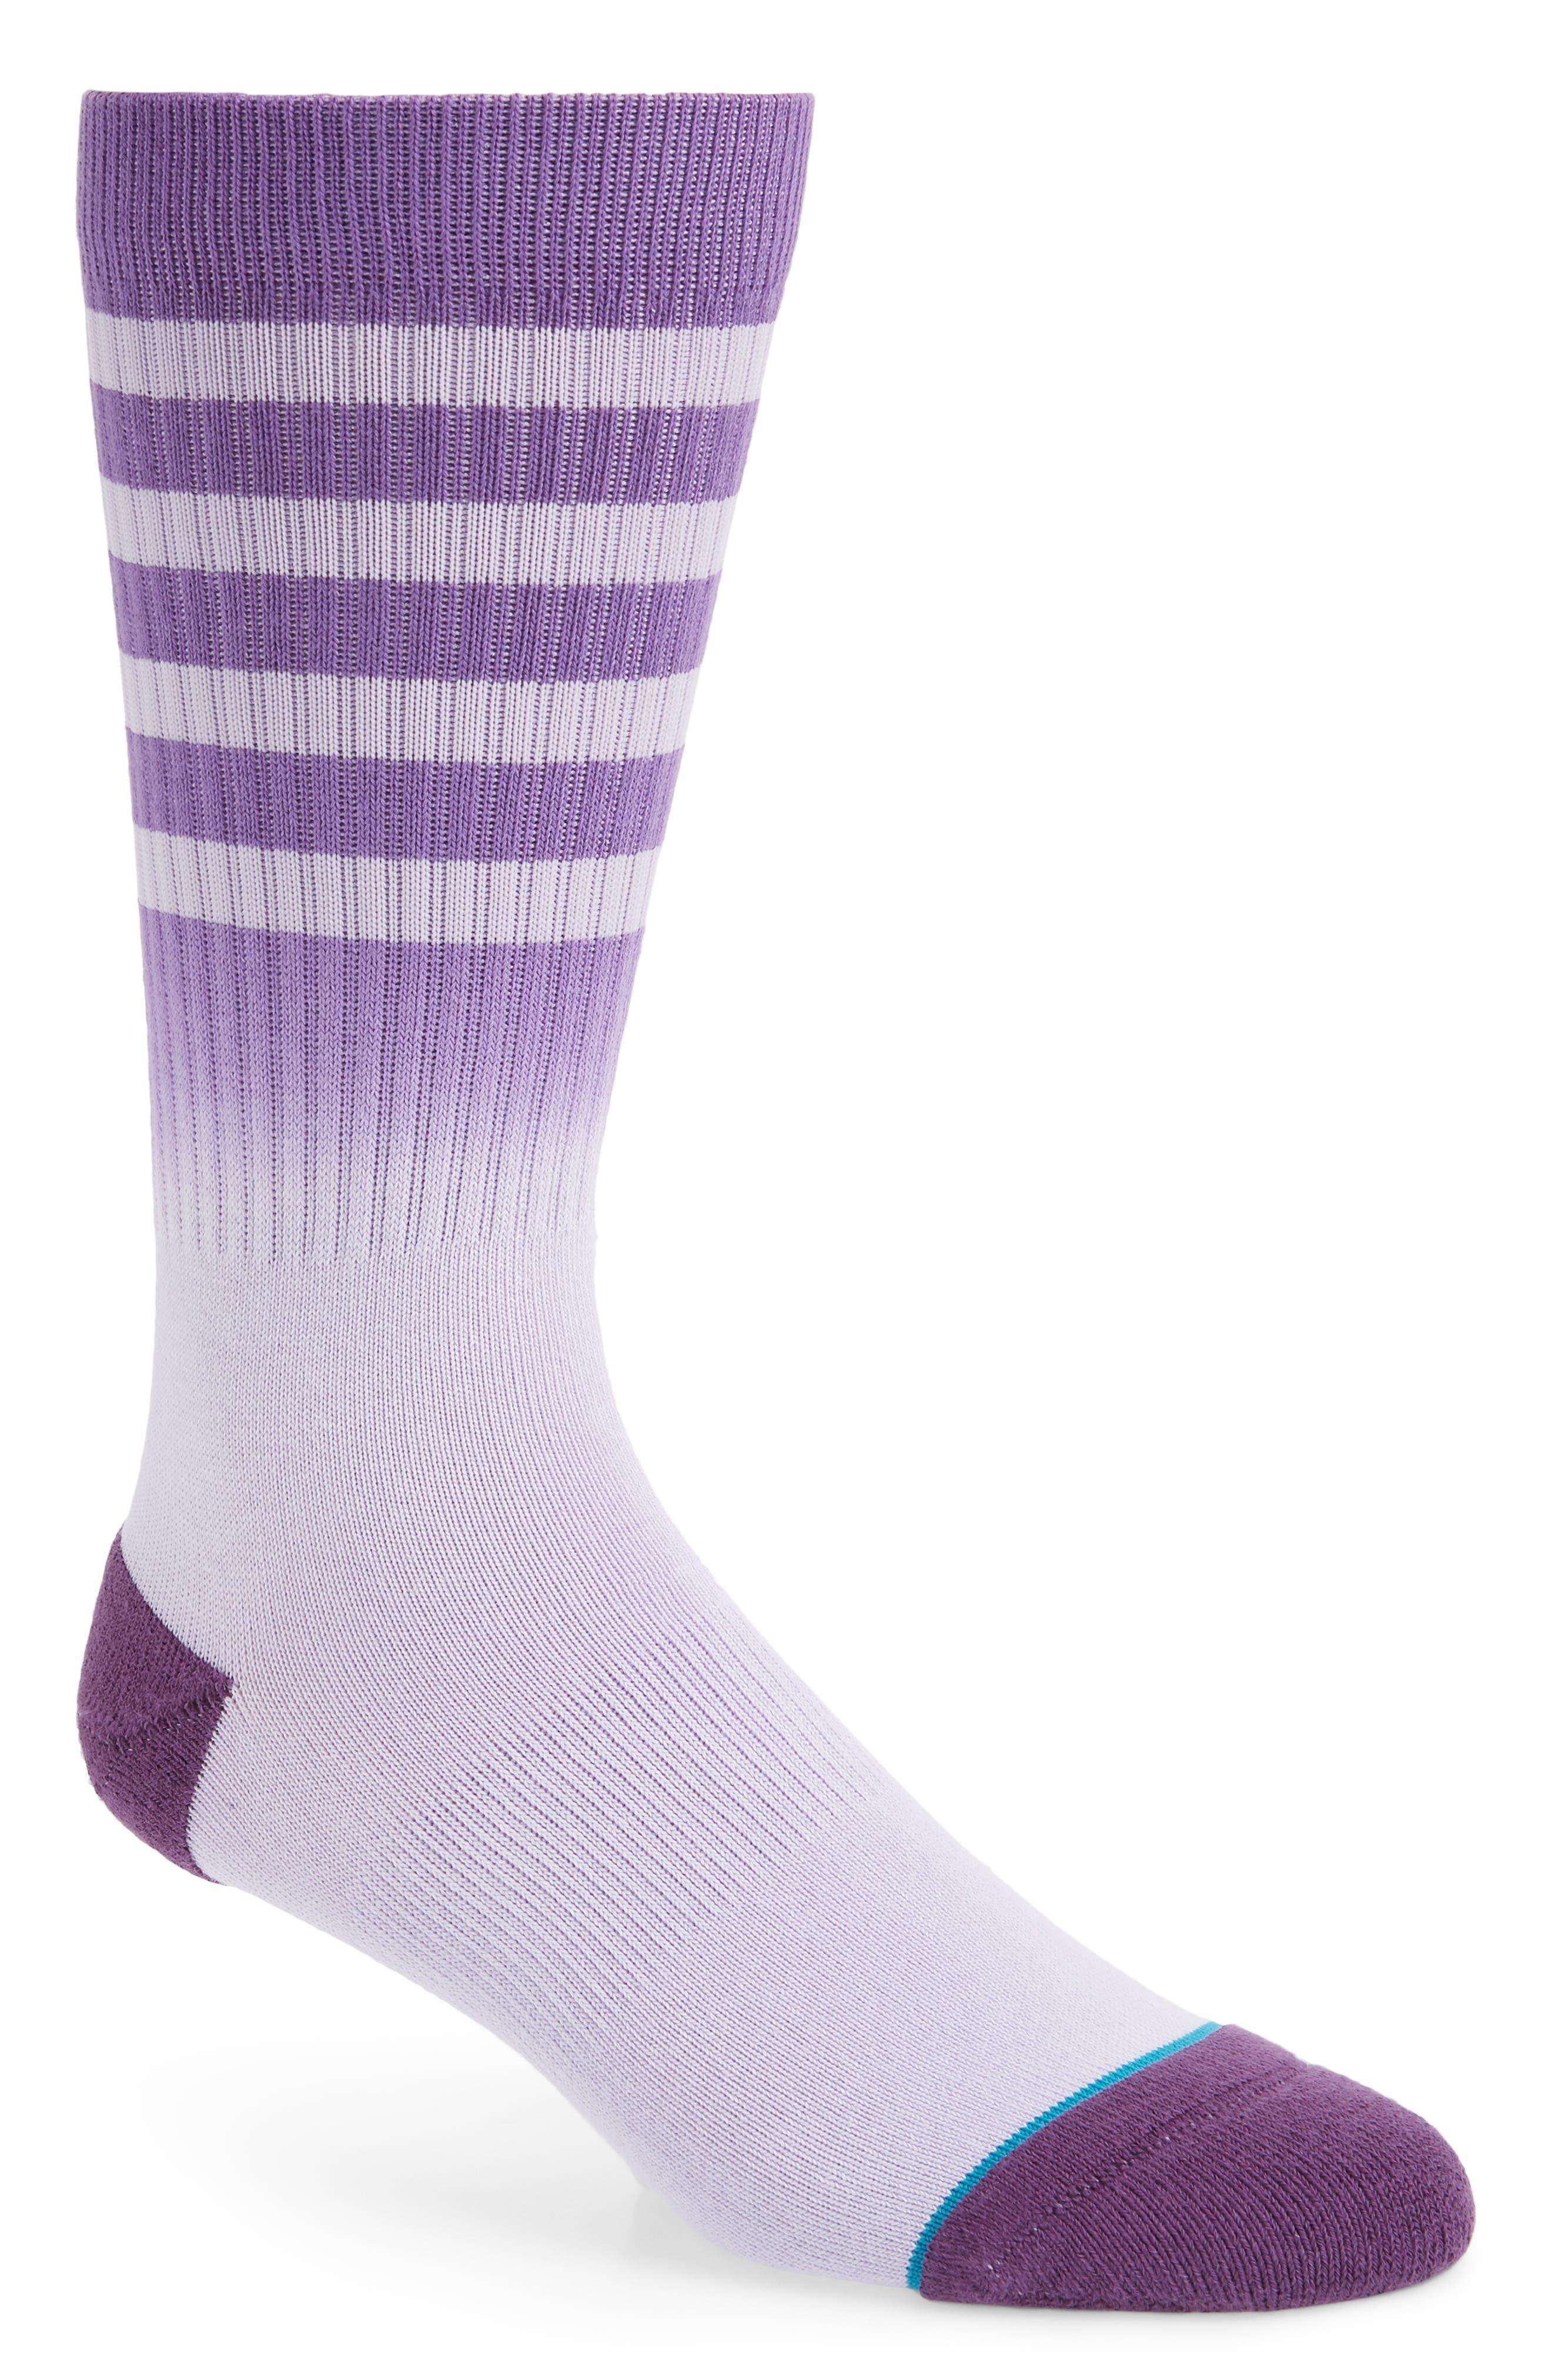 STANCE Bobby 2 Stripe Crew Socks in Purple